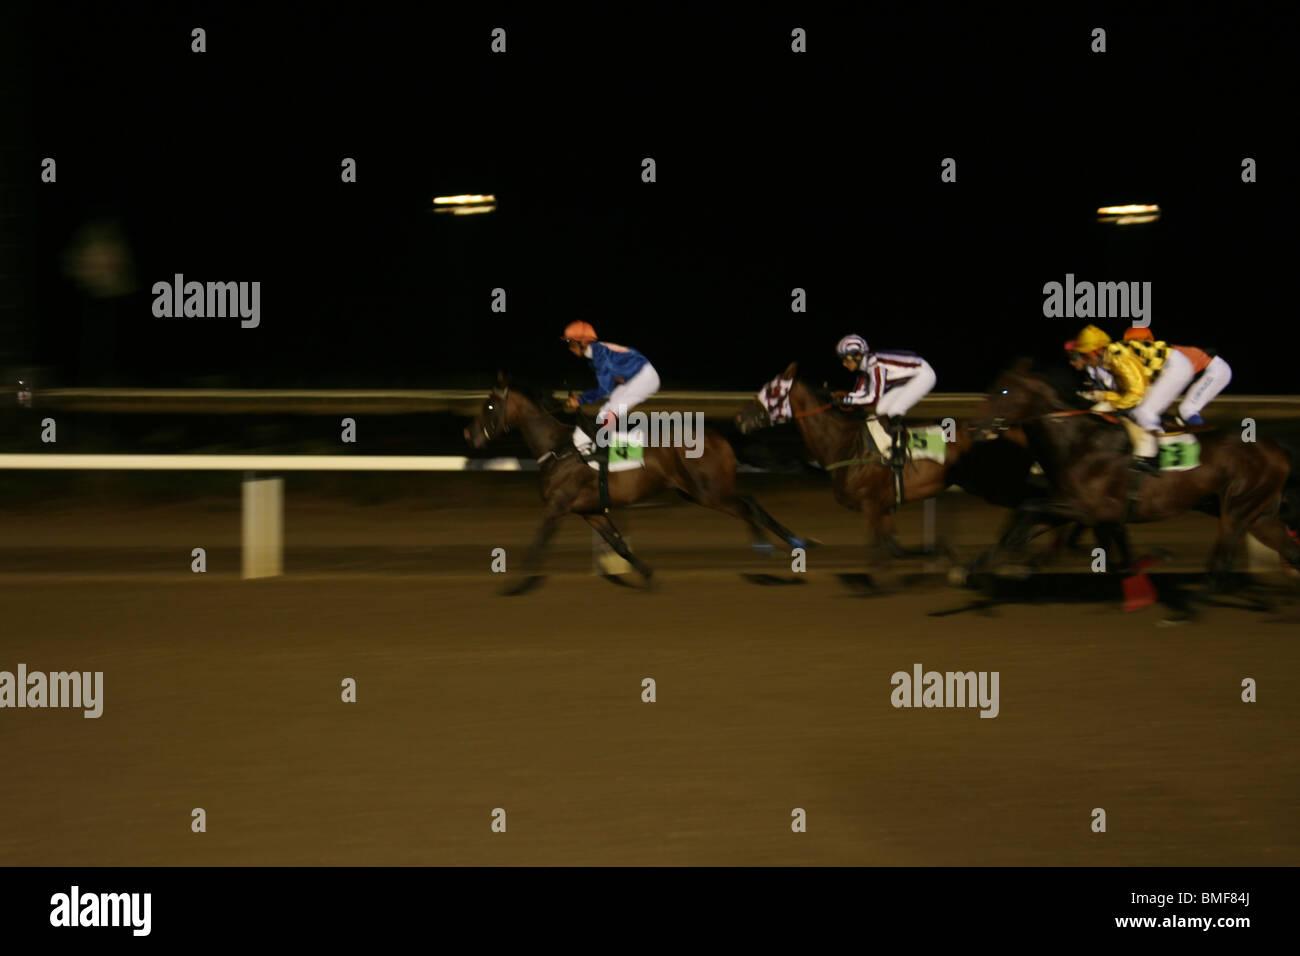 Rennen bis ins Ziel. Abend Zeit Pferderennen in Mijas Rennstrecke, Malaga, Costa Del Sol, Andalusien, Spanien. Stockbild